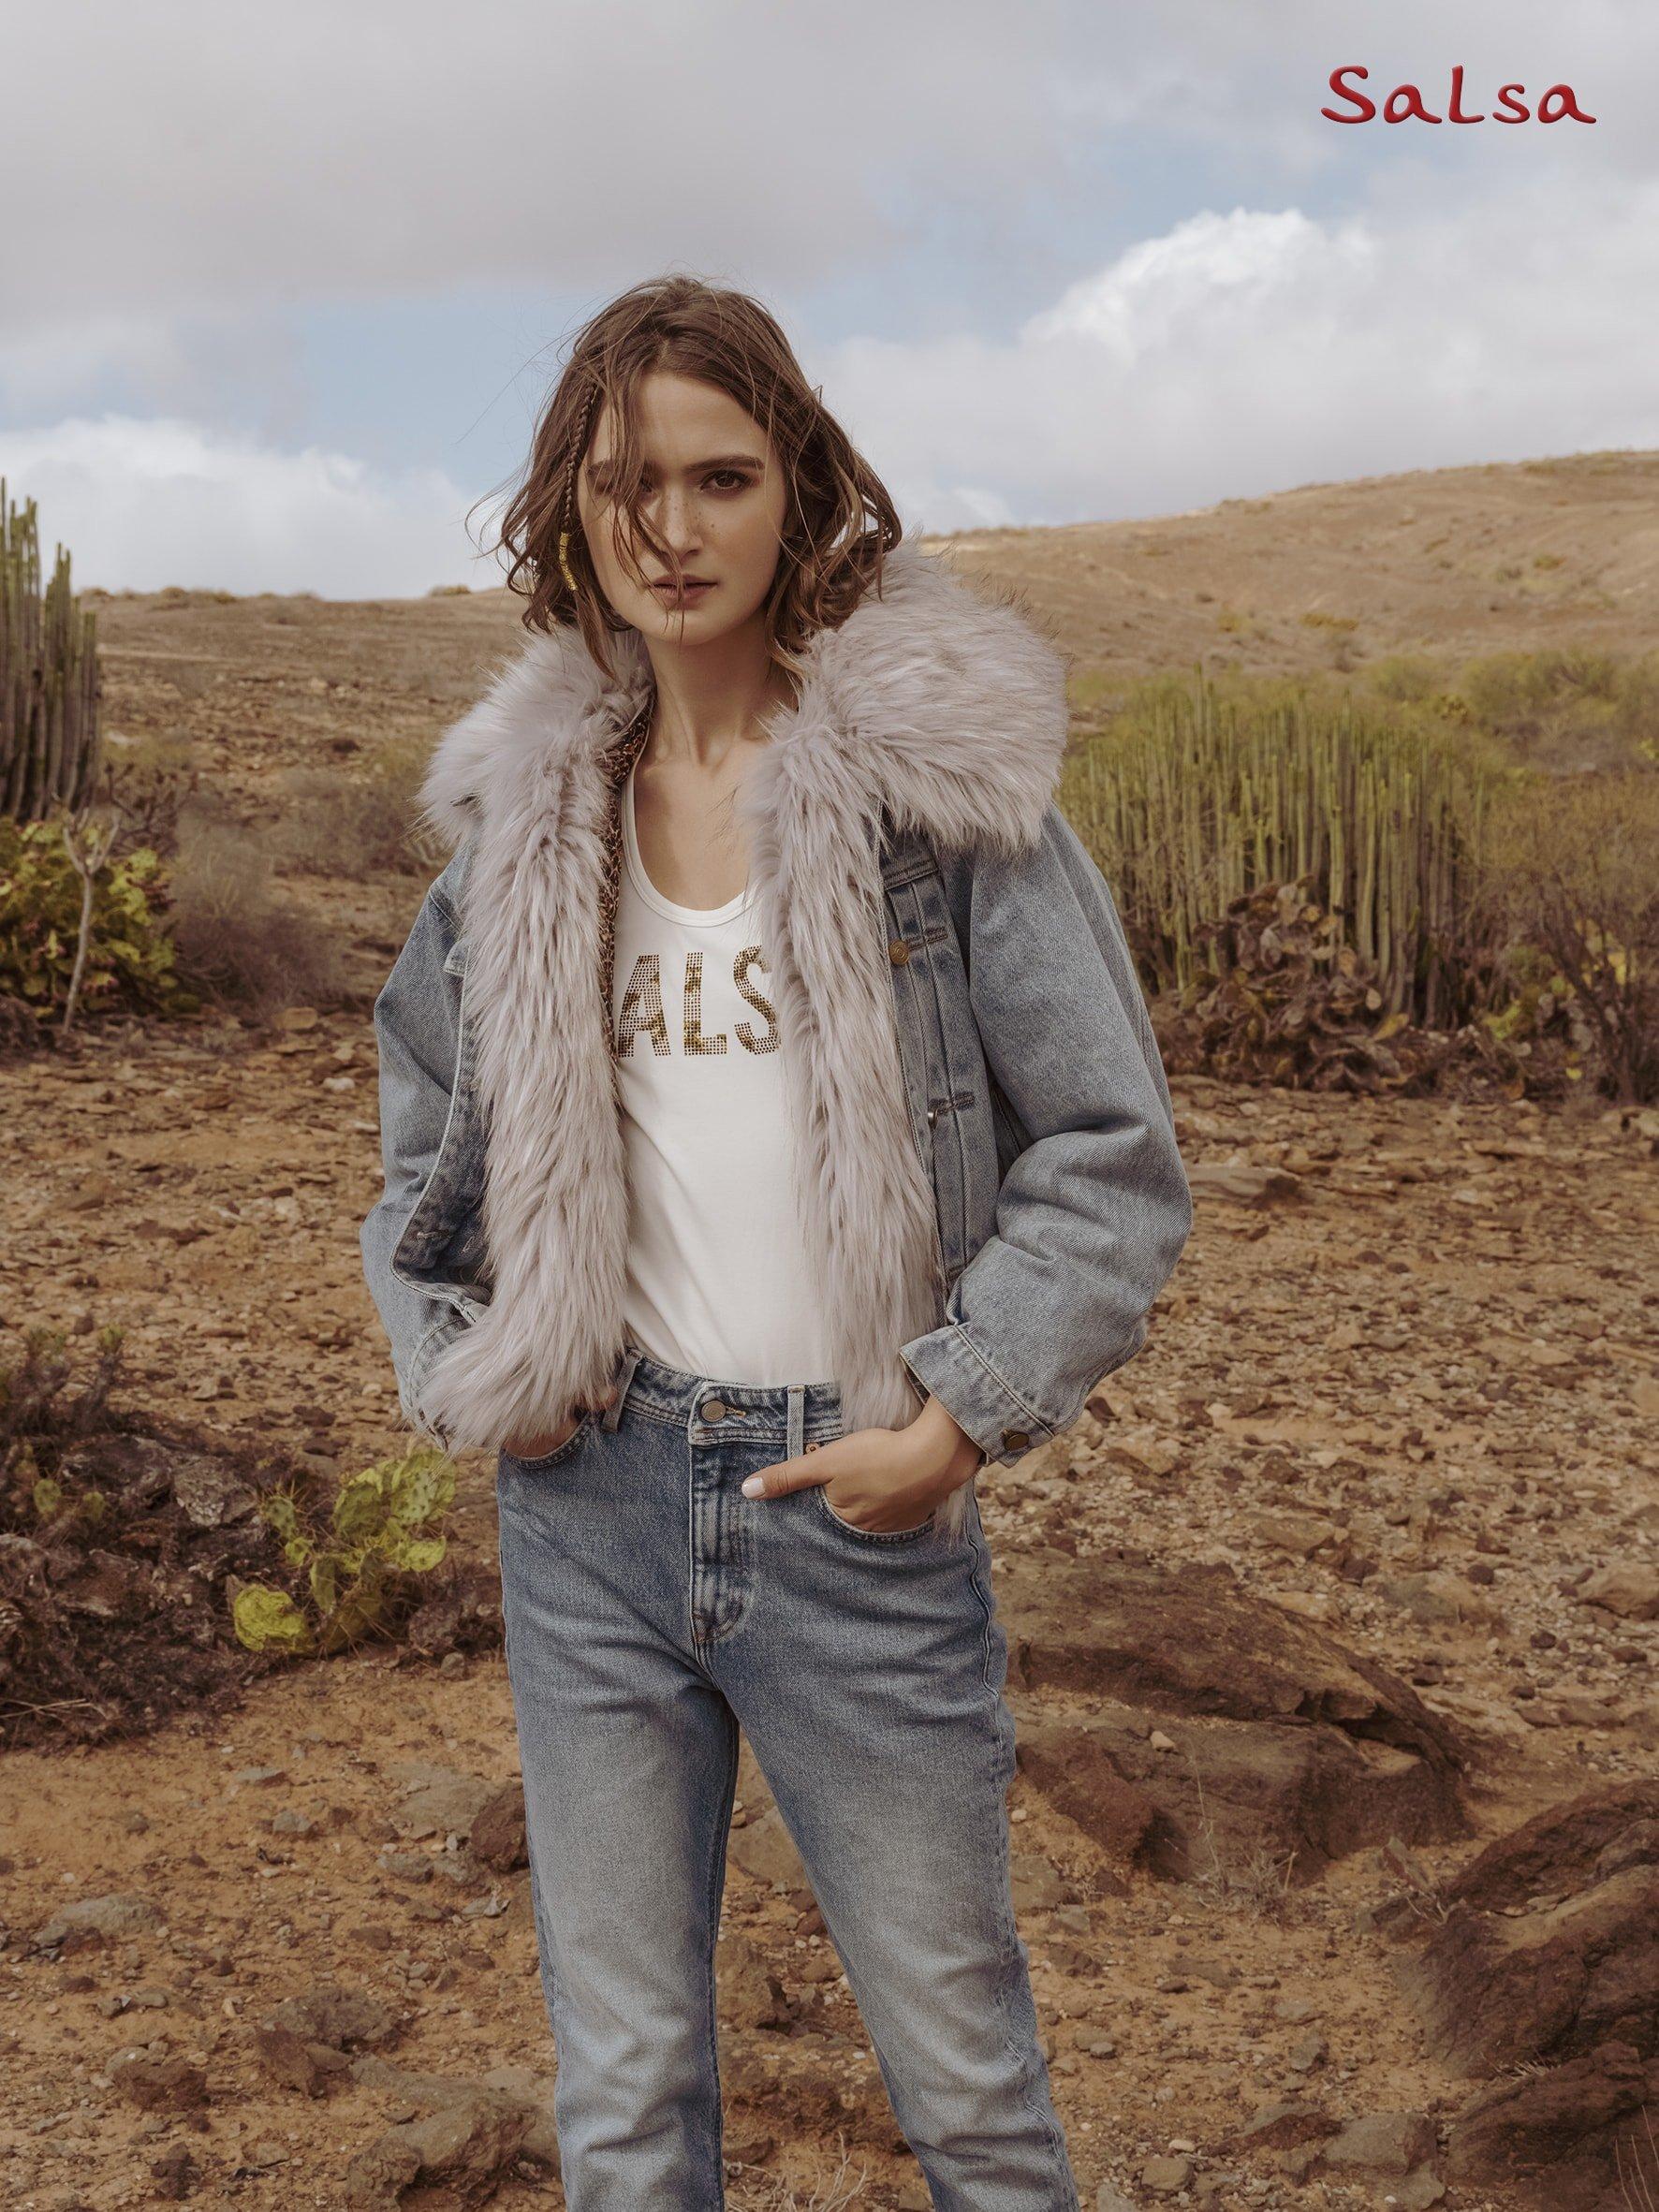 Pepe Jeans - nová kolekce Salsa